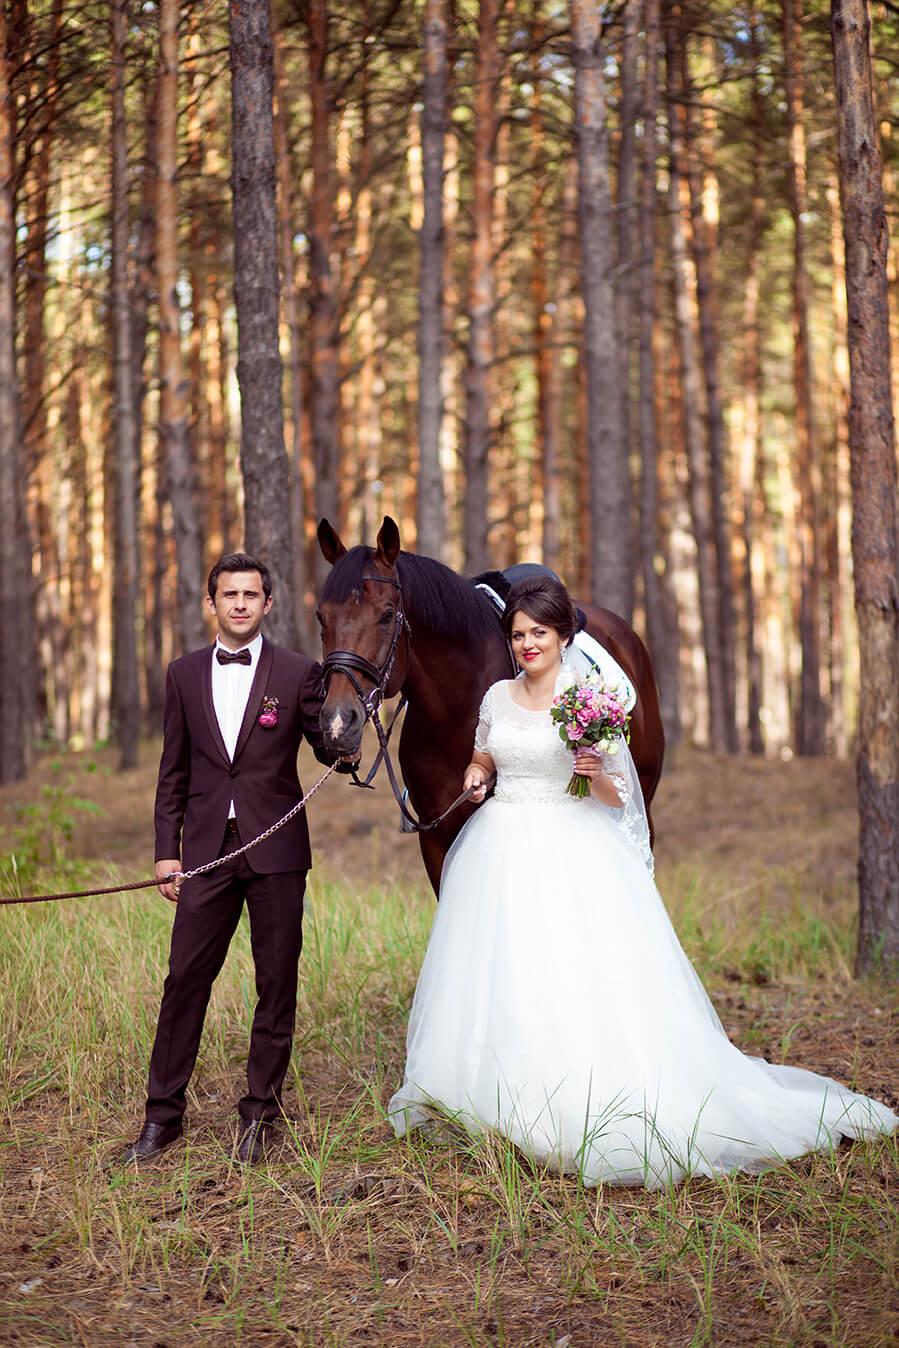 6-svadebnaja-konnaja-fotosessija-zimoj-vesnoj-letom-osenju-1